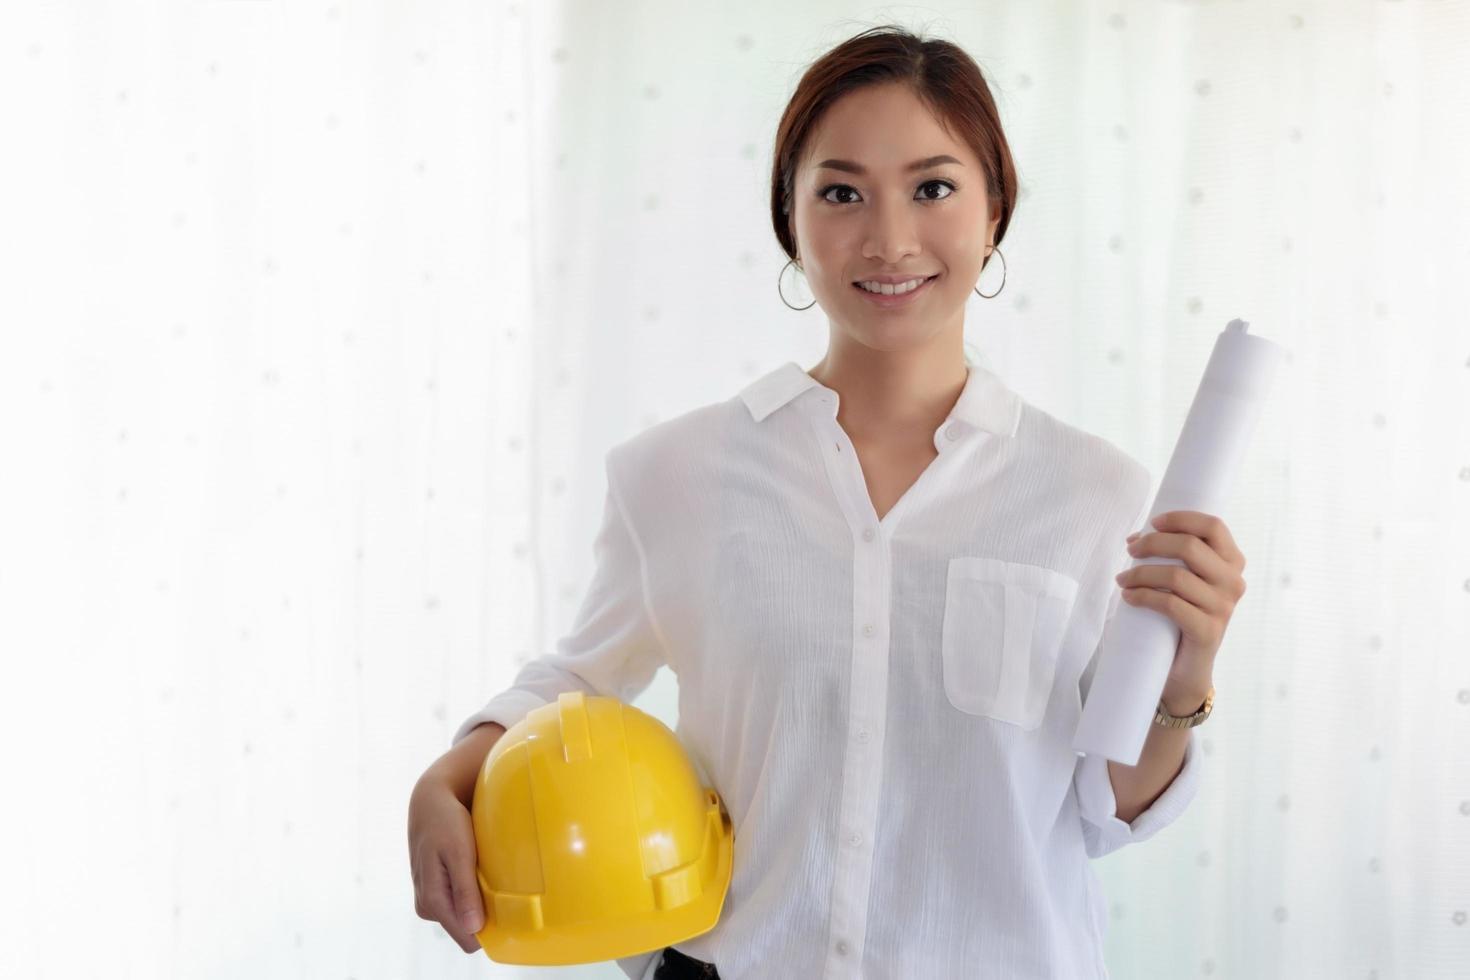 Aziatische vrouw met blauwdrukken en helm foto